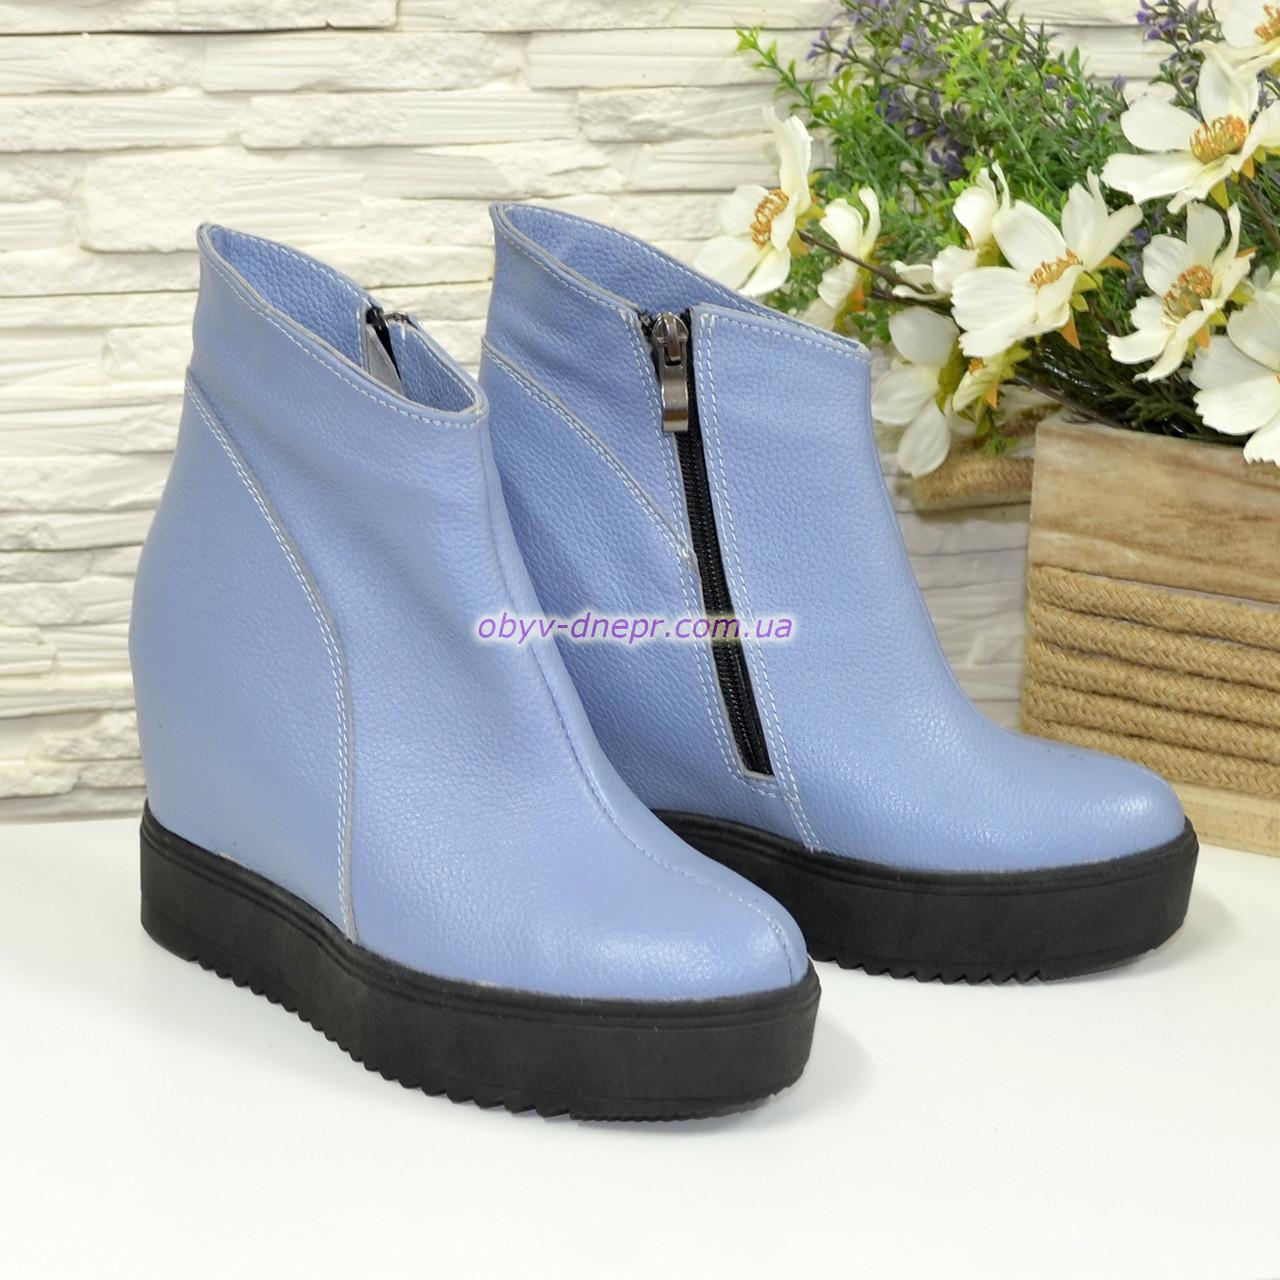 Ботинки демисезонные женские кожаные на платформе, цвет голубой